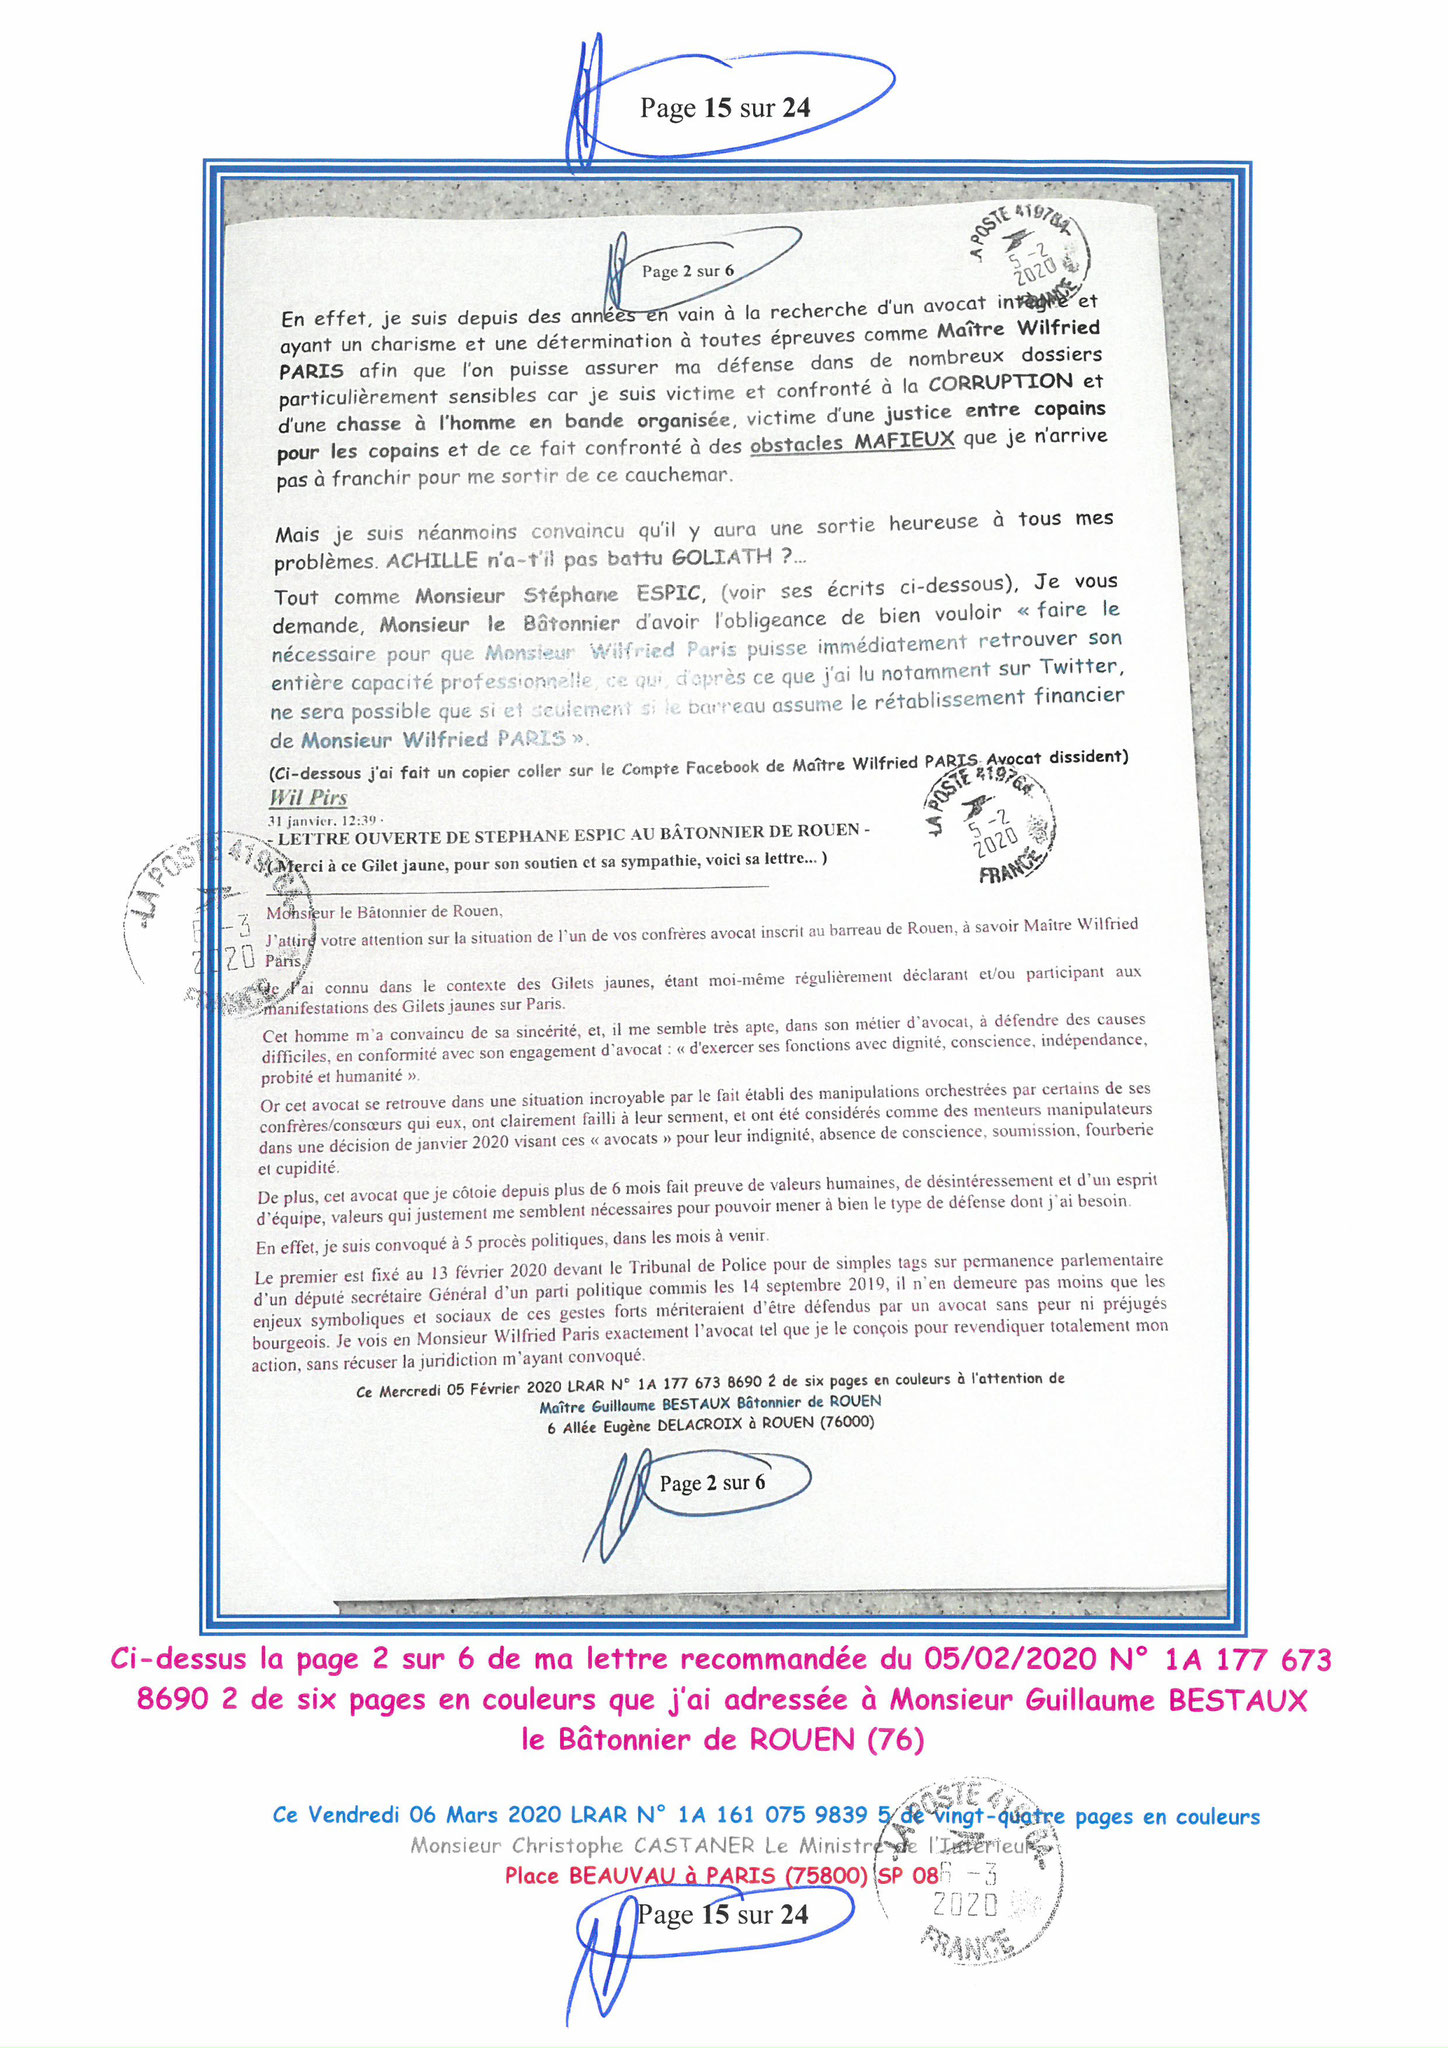 Ma LRAR à Monsieur le Ministre de l'Intérieur Christophe CASTANER N°1A 161 075 9839 5  Page 15 sur 24 en couleur du 06 Mars 2020  www.jesuispatrick.fr www.jesuisvictime.fr www.alerte-rouge-france.fr